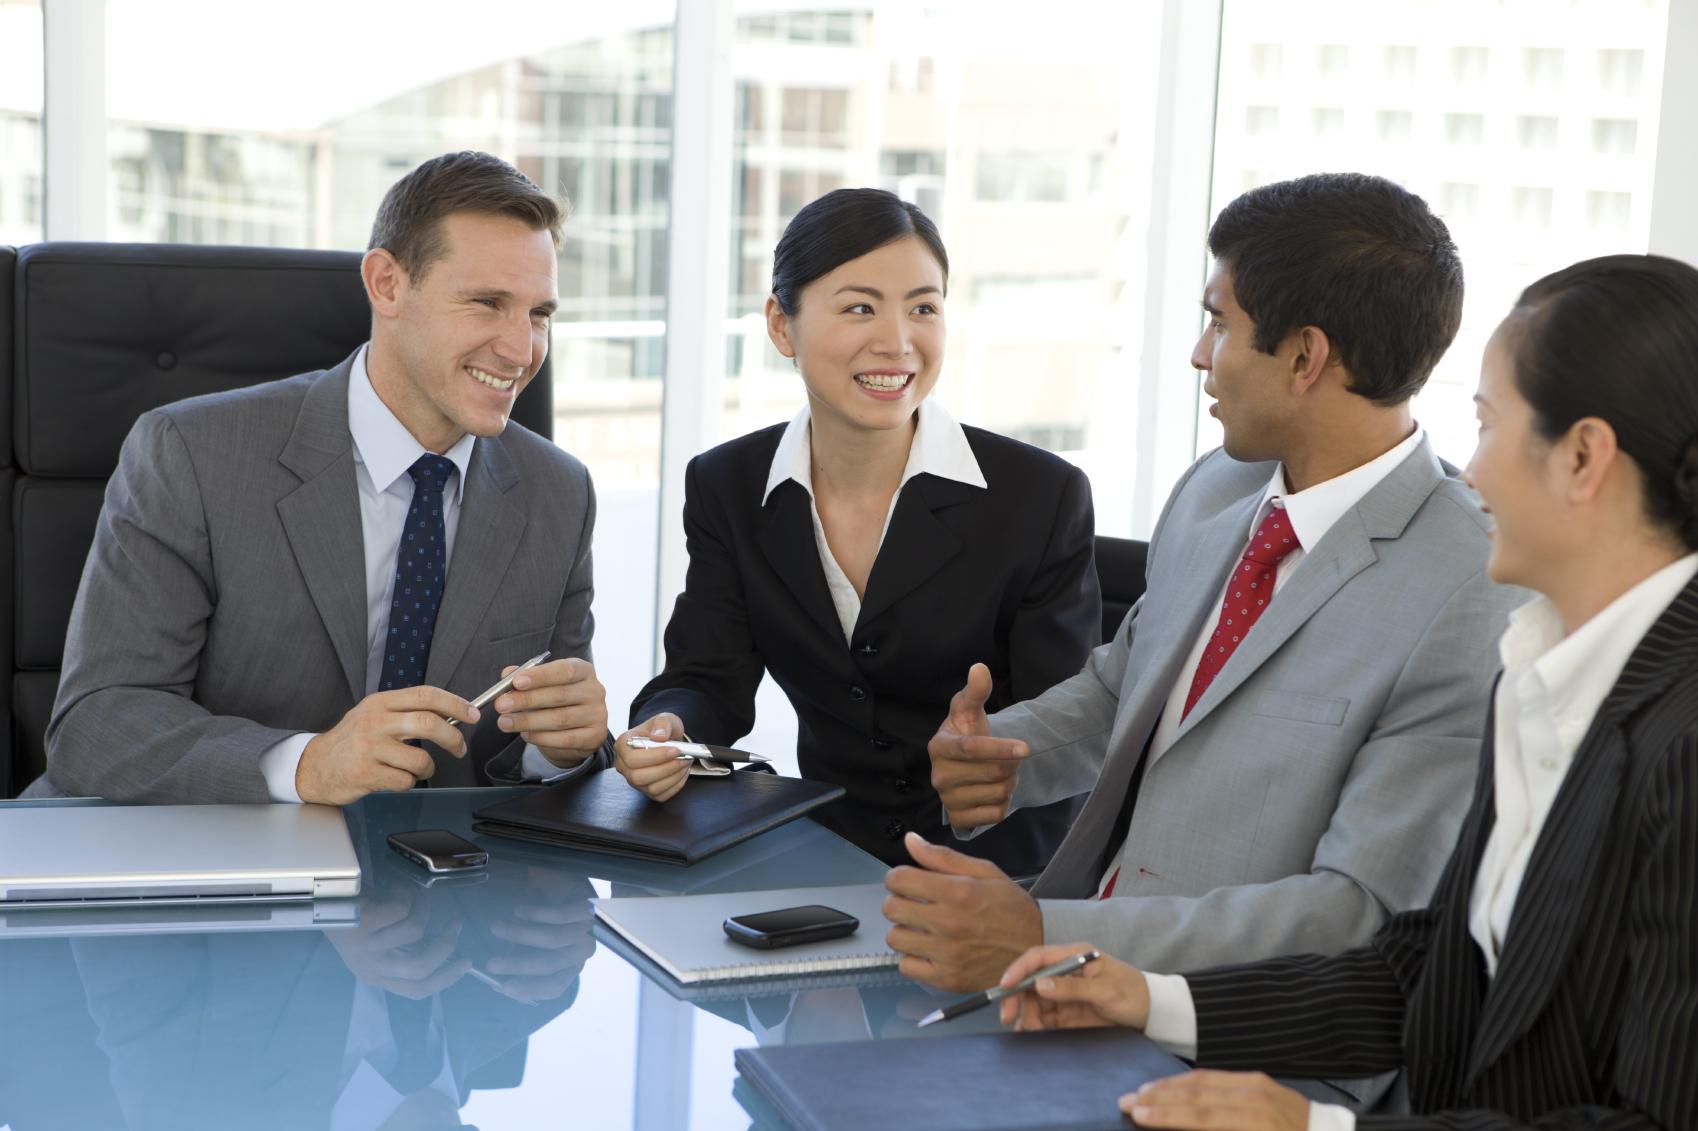 professionals executives